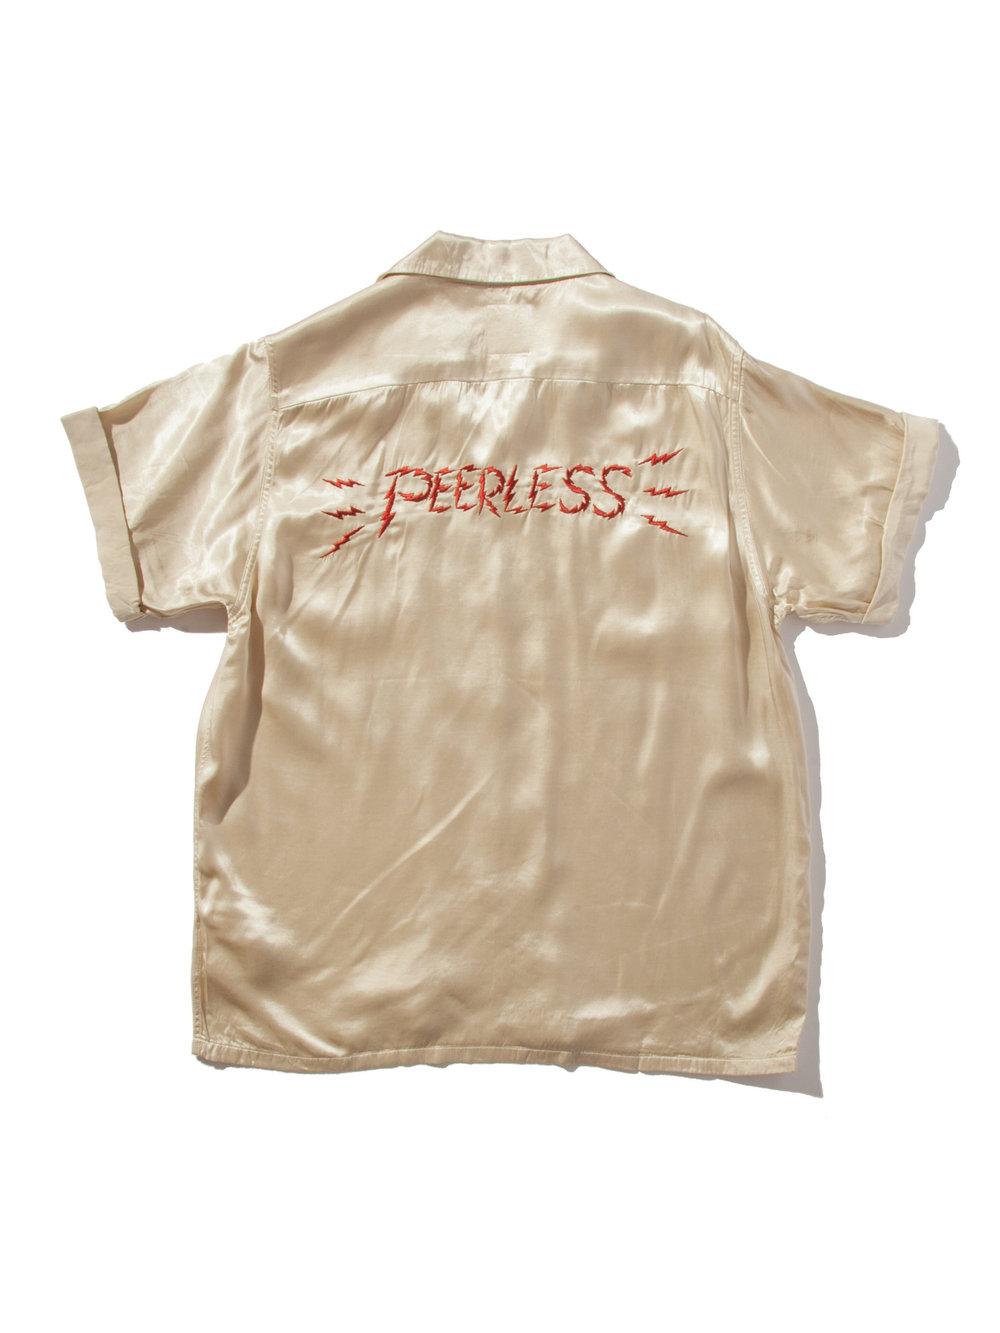 VISVIM_Irving_Shirt_S_S_Peerless-8.jpg